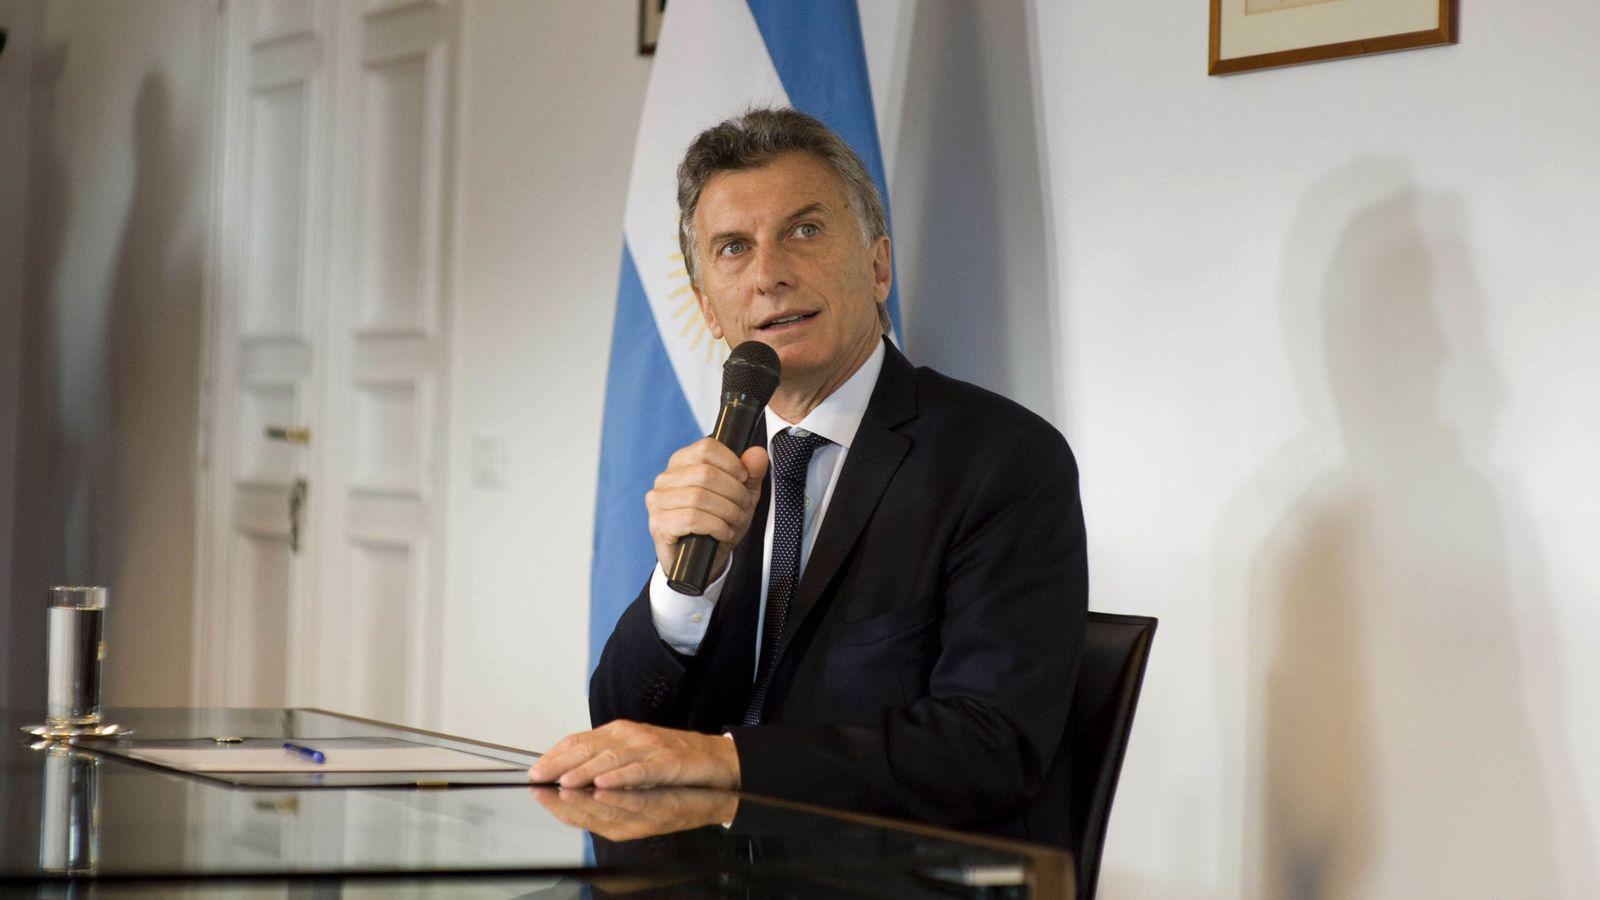 Foto: El presidente de Argentina Mauricio Macri. (EFE)